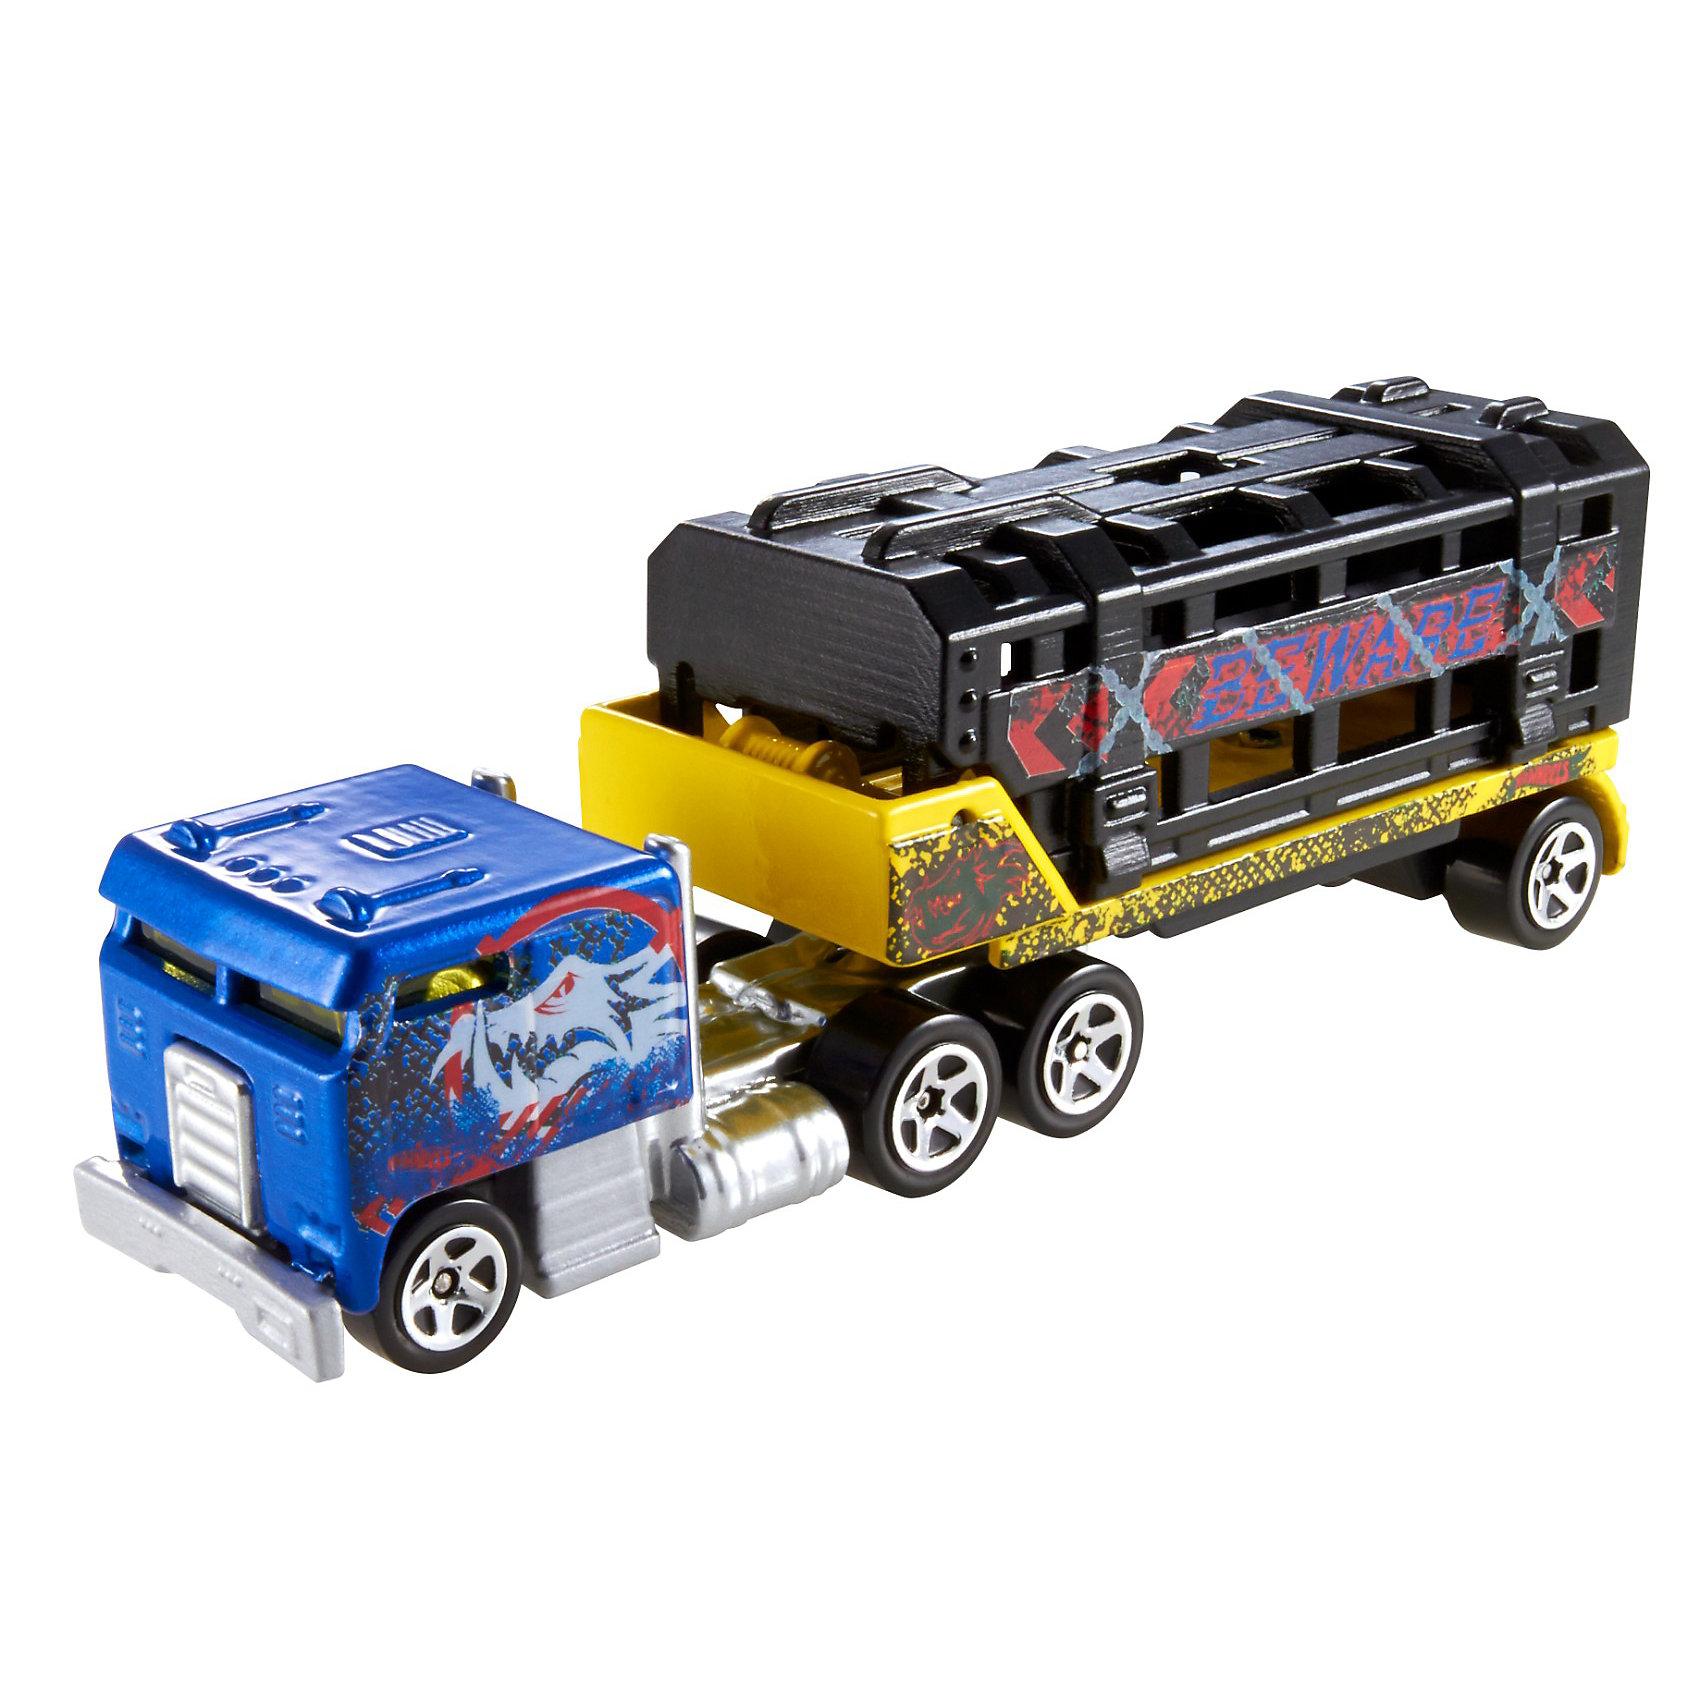 Трейлеры базовой коллекции в ассортименте, Hot WheelsИгрушки<br>«Трейлеры» базовой комплектации в ассортименте, Hot Wheels (Хот Вилс) – потрясающе реалистичные грузовики-трейлеры, которые придутся по душе любому мальчишке.<br><br>Трейлеры выполнены из металла, а значит смогут выдержать любые испытания, которые приготовит для них Ваш ребенок. В трейлерах-грузовиках Hot Wheels (Хот Вилс) есть возможность менять прицепы, что позволяет каждый раз создавать новые комбинации.<br><br>Дополнительная информация:<br><br>- ВНИМАНИЕ: Данный артикул имеется в наличии в разных вариантах исполнения (заранее выбрать невозможно). При заказе нескольких игрушек возможно получение одинаковых<br>- Материал: пластик<br>- Длина: около 28 см<br><br>«Трейлеры» базовой комплектации в ассортименте, Hot Wheels (Хот Вилс) – прекрасный подарок для Вашего ребенка. Ему непременно захочется собрать всю коллекцию и каждый раз создавать новый вид трейлеров.<br><br>«Трейлеры» базовой комплектации в ассортименте, Hot Wheels (Хот Вилс) можно купить в нашем магазине.<br><br>Ширина мм: 203<br>Глубина мм: 167<br>Высота мм: 40<br>Вес г: 121<br>Возраст от месяцев: 48<br>Возраст до месяцев: 96<br>Пол: Мужской<br>Возраст: Детский<br>SKU: 3475295